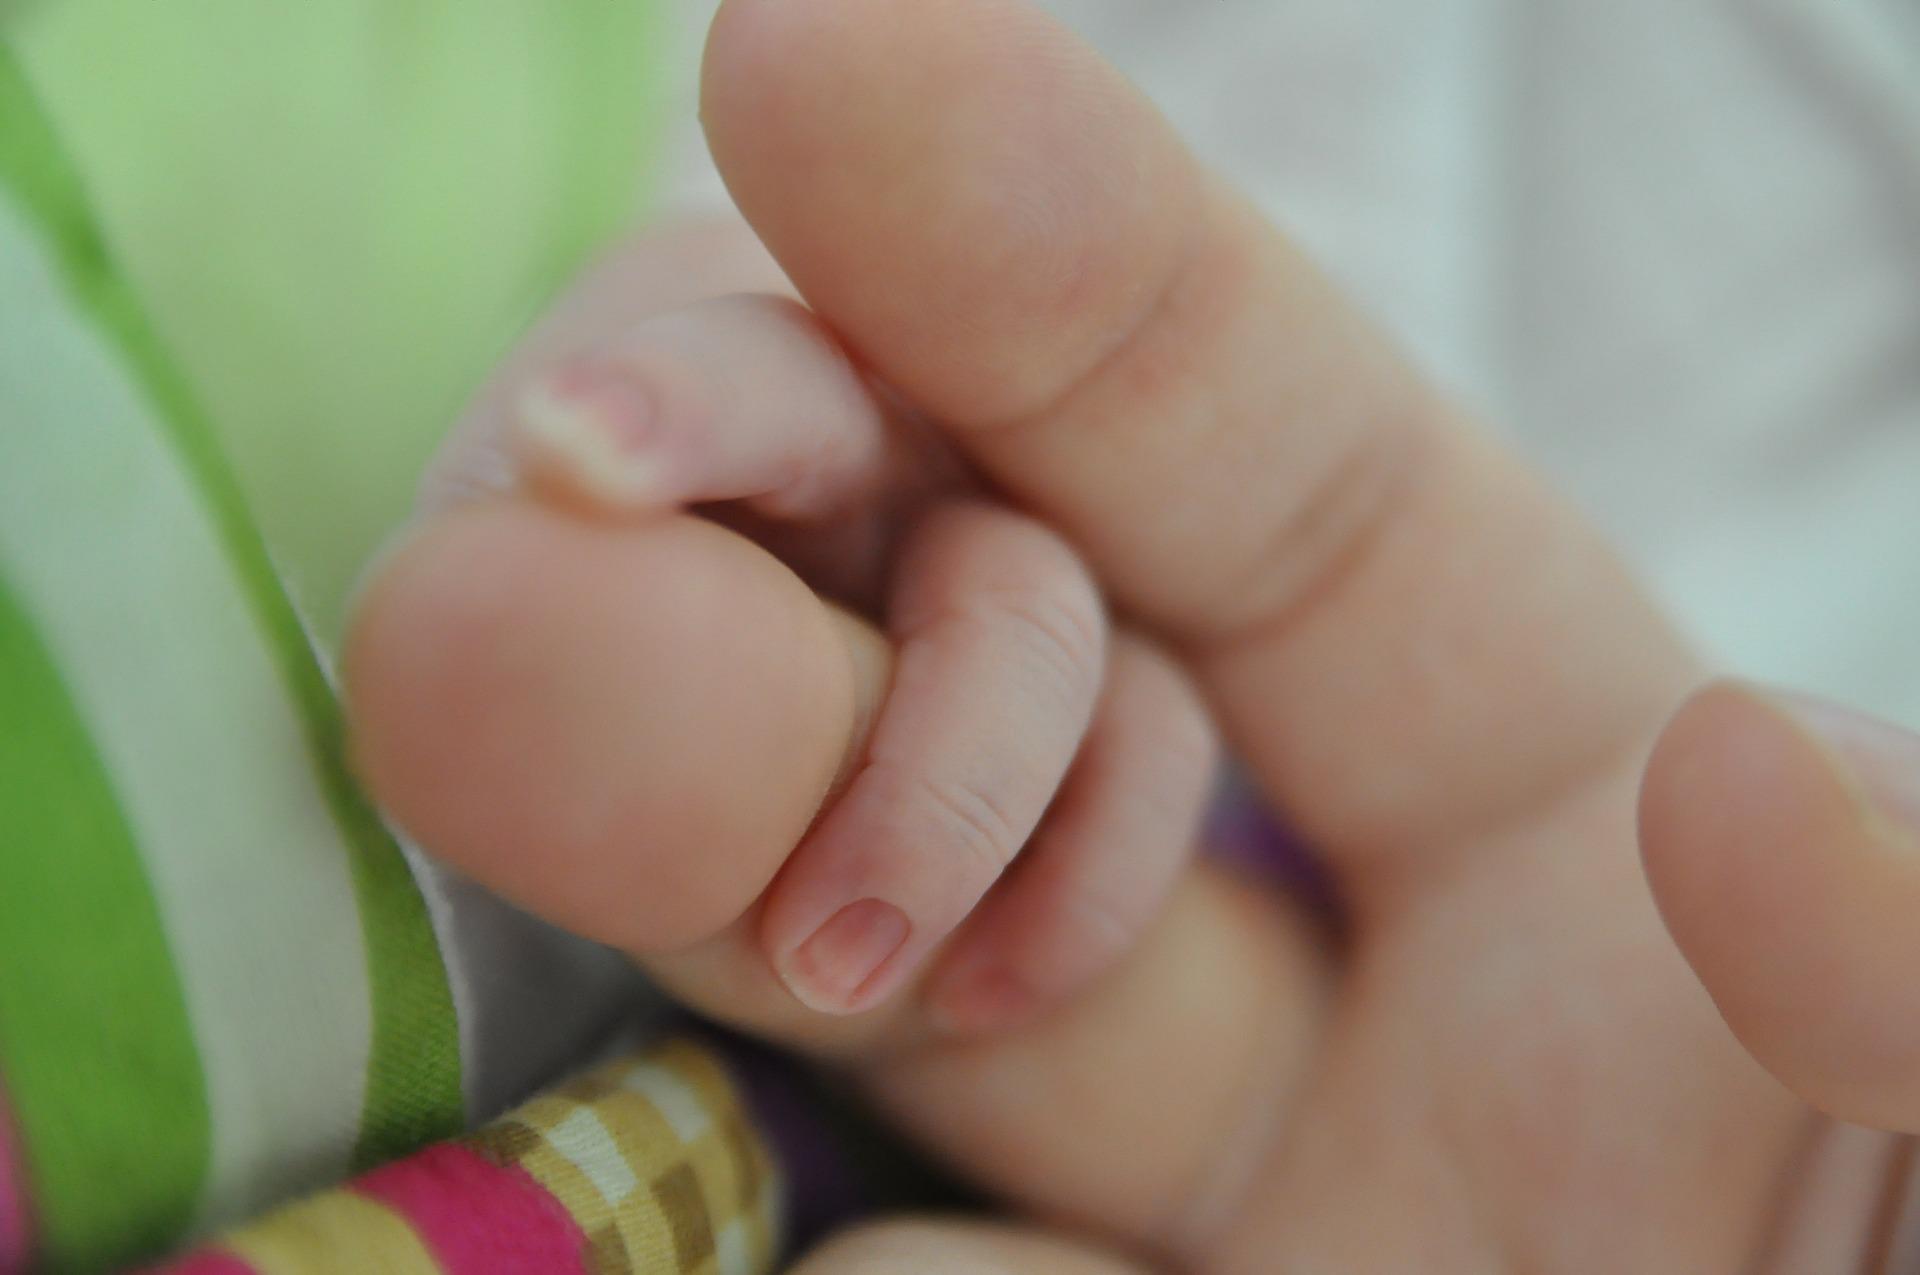 aide maximale pour parents